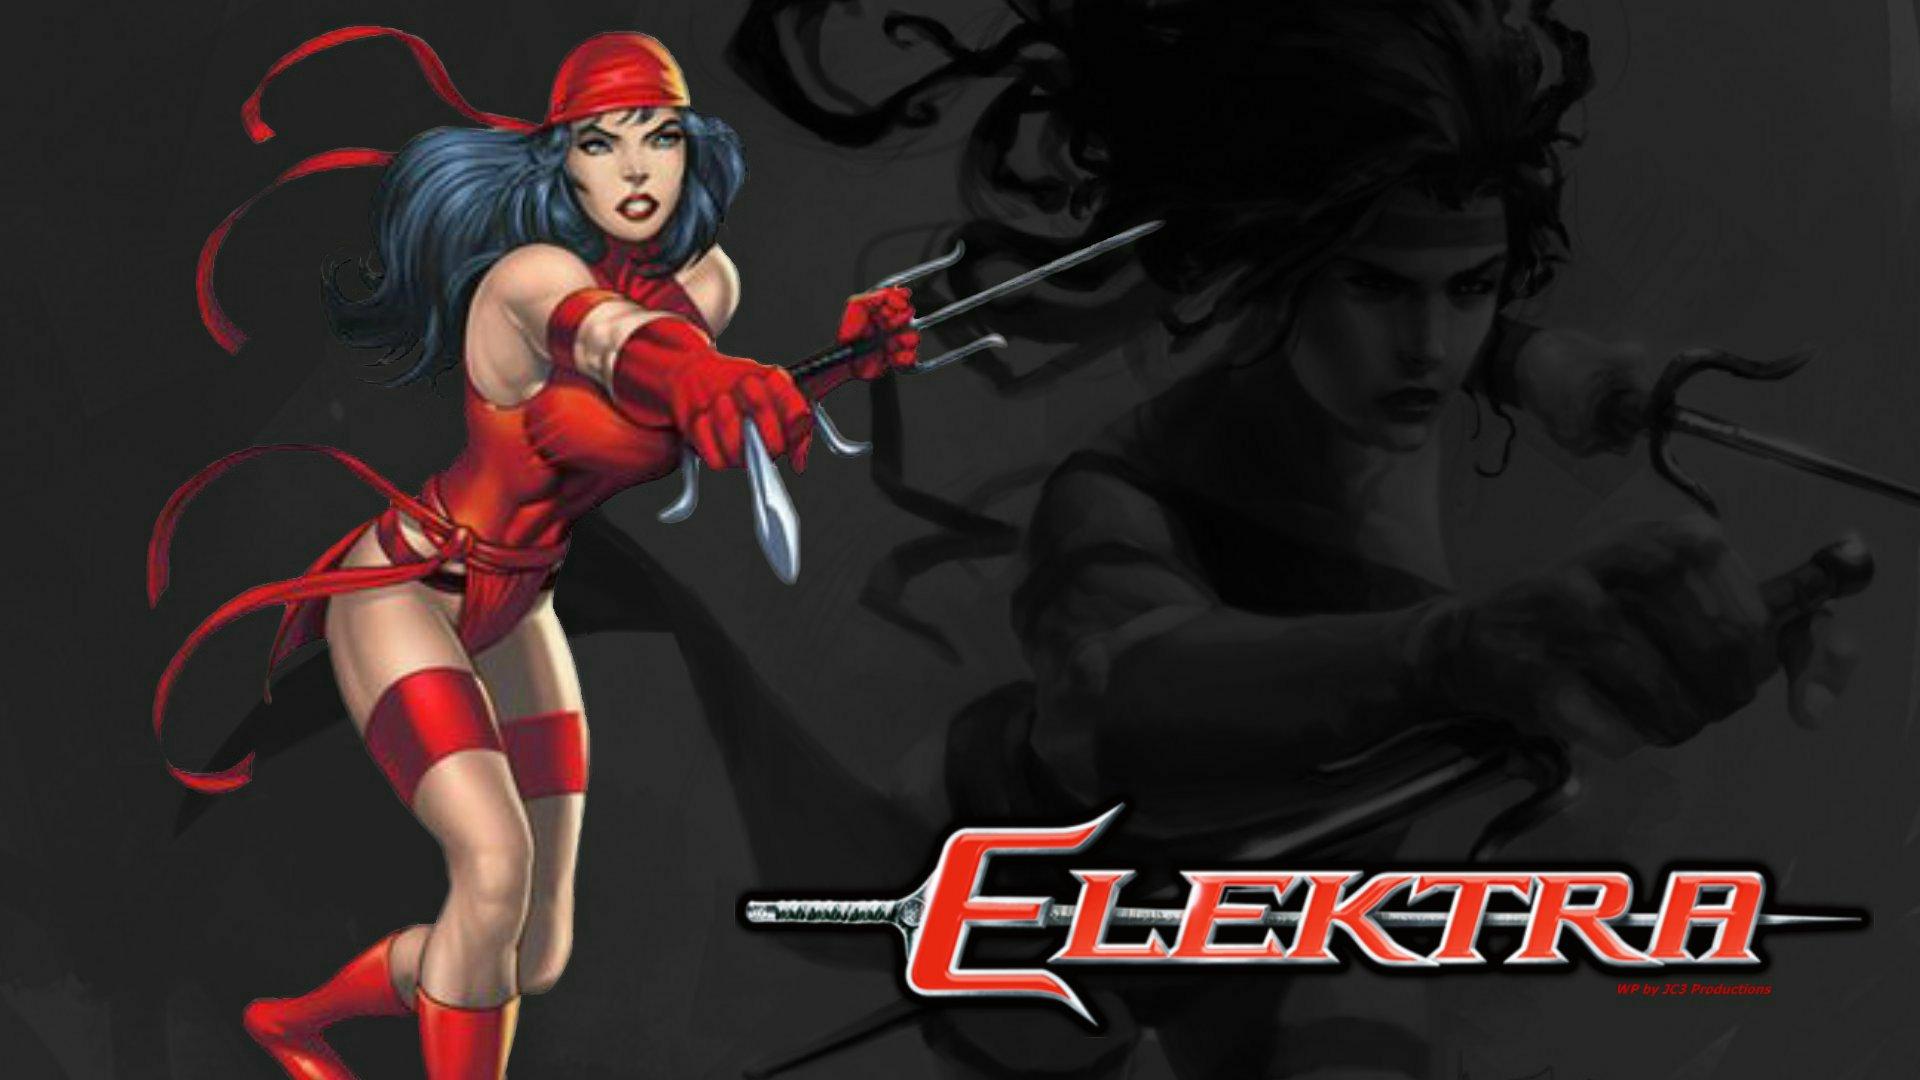 Elektra-5a wallpaper by Curtdawg53